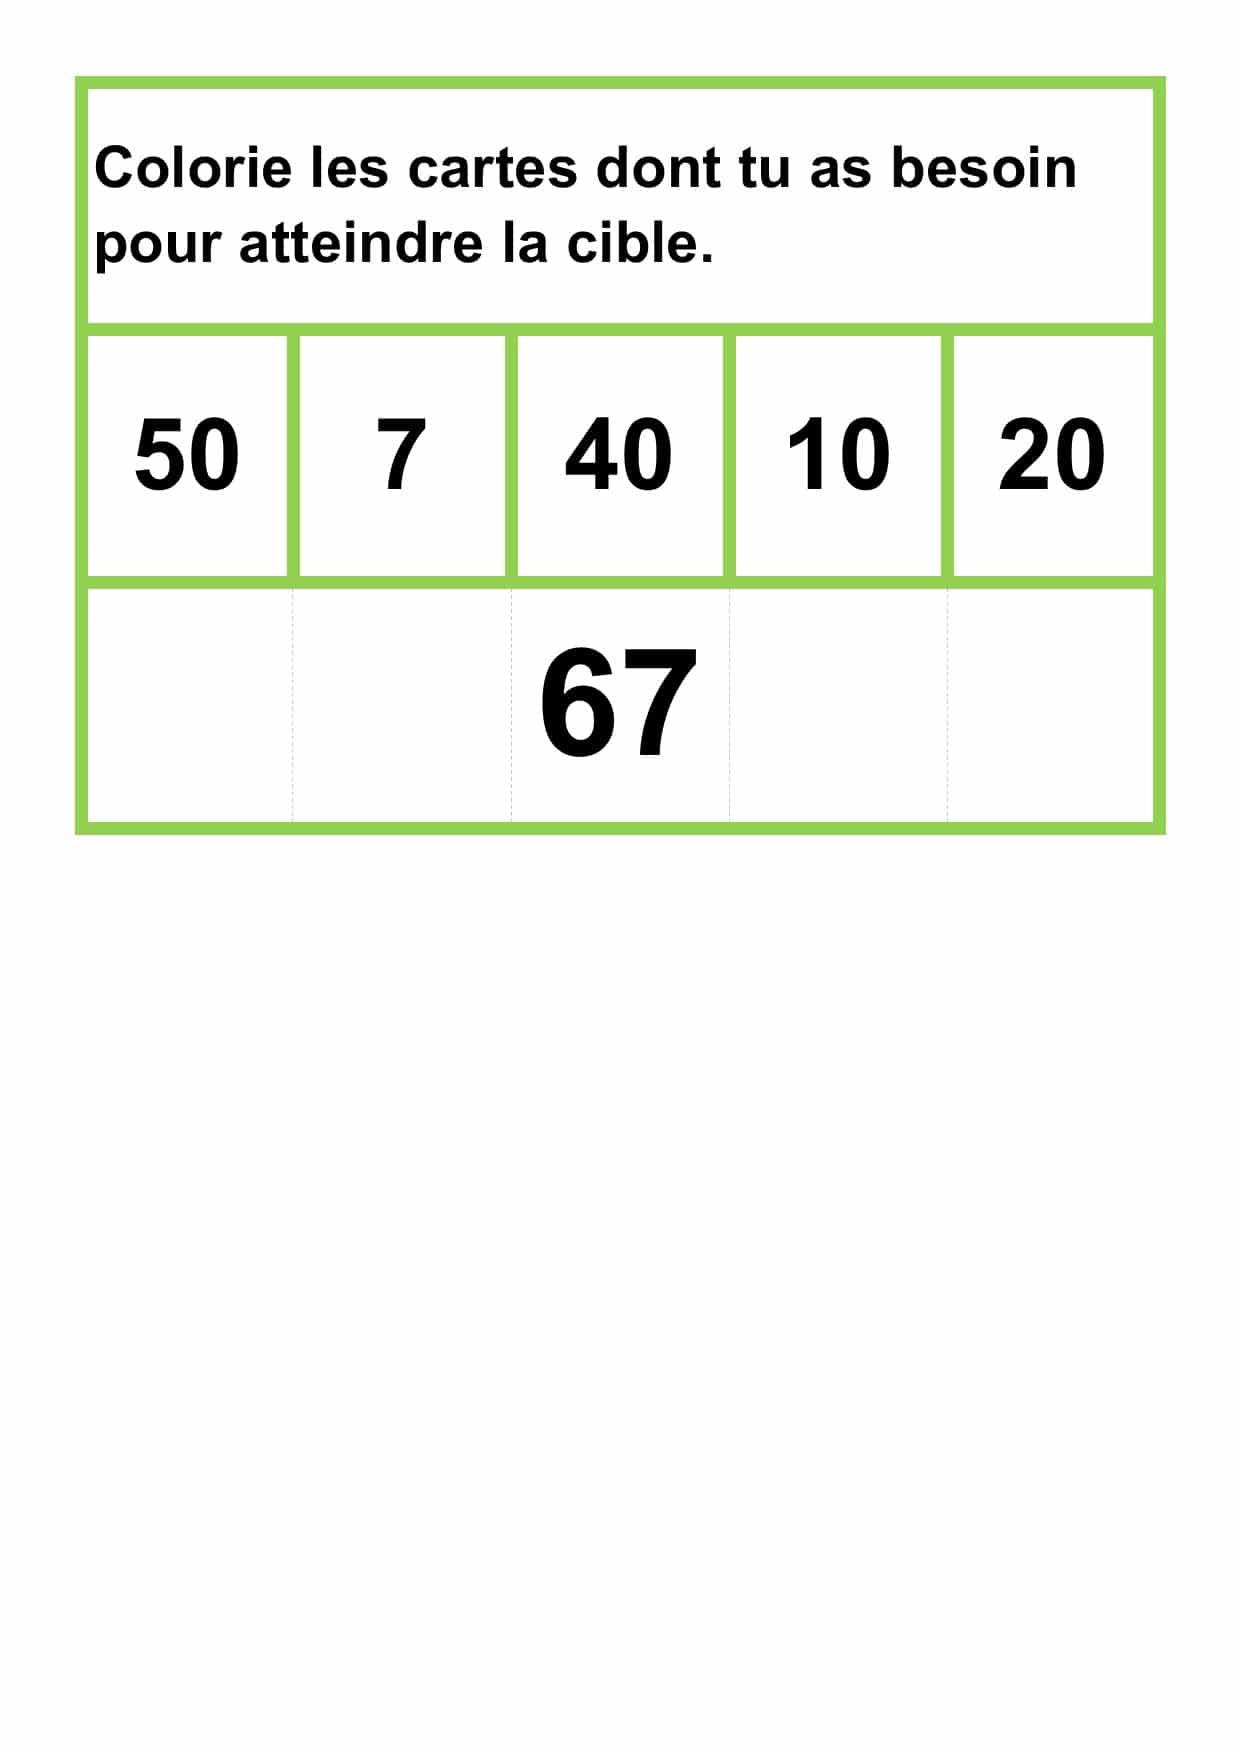 Les mathématiques suivantes: Le nombre cible